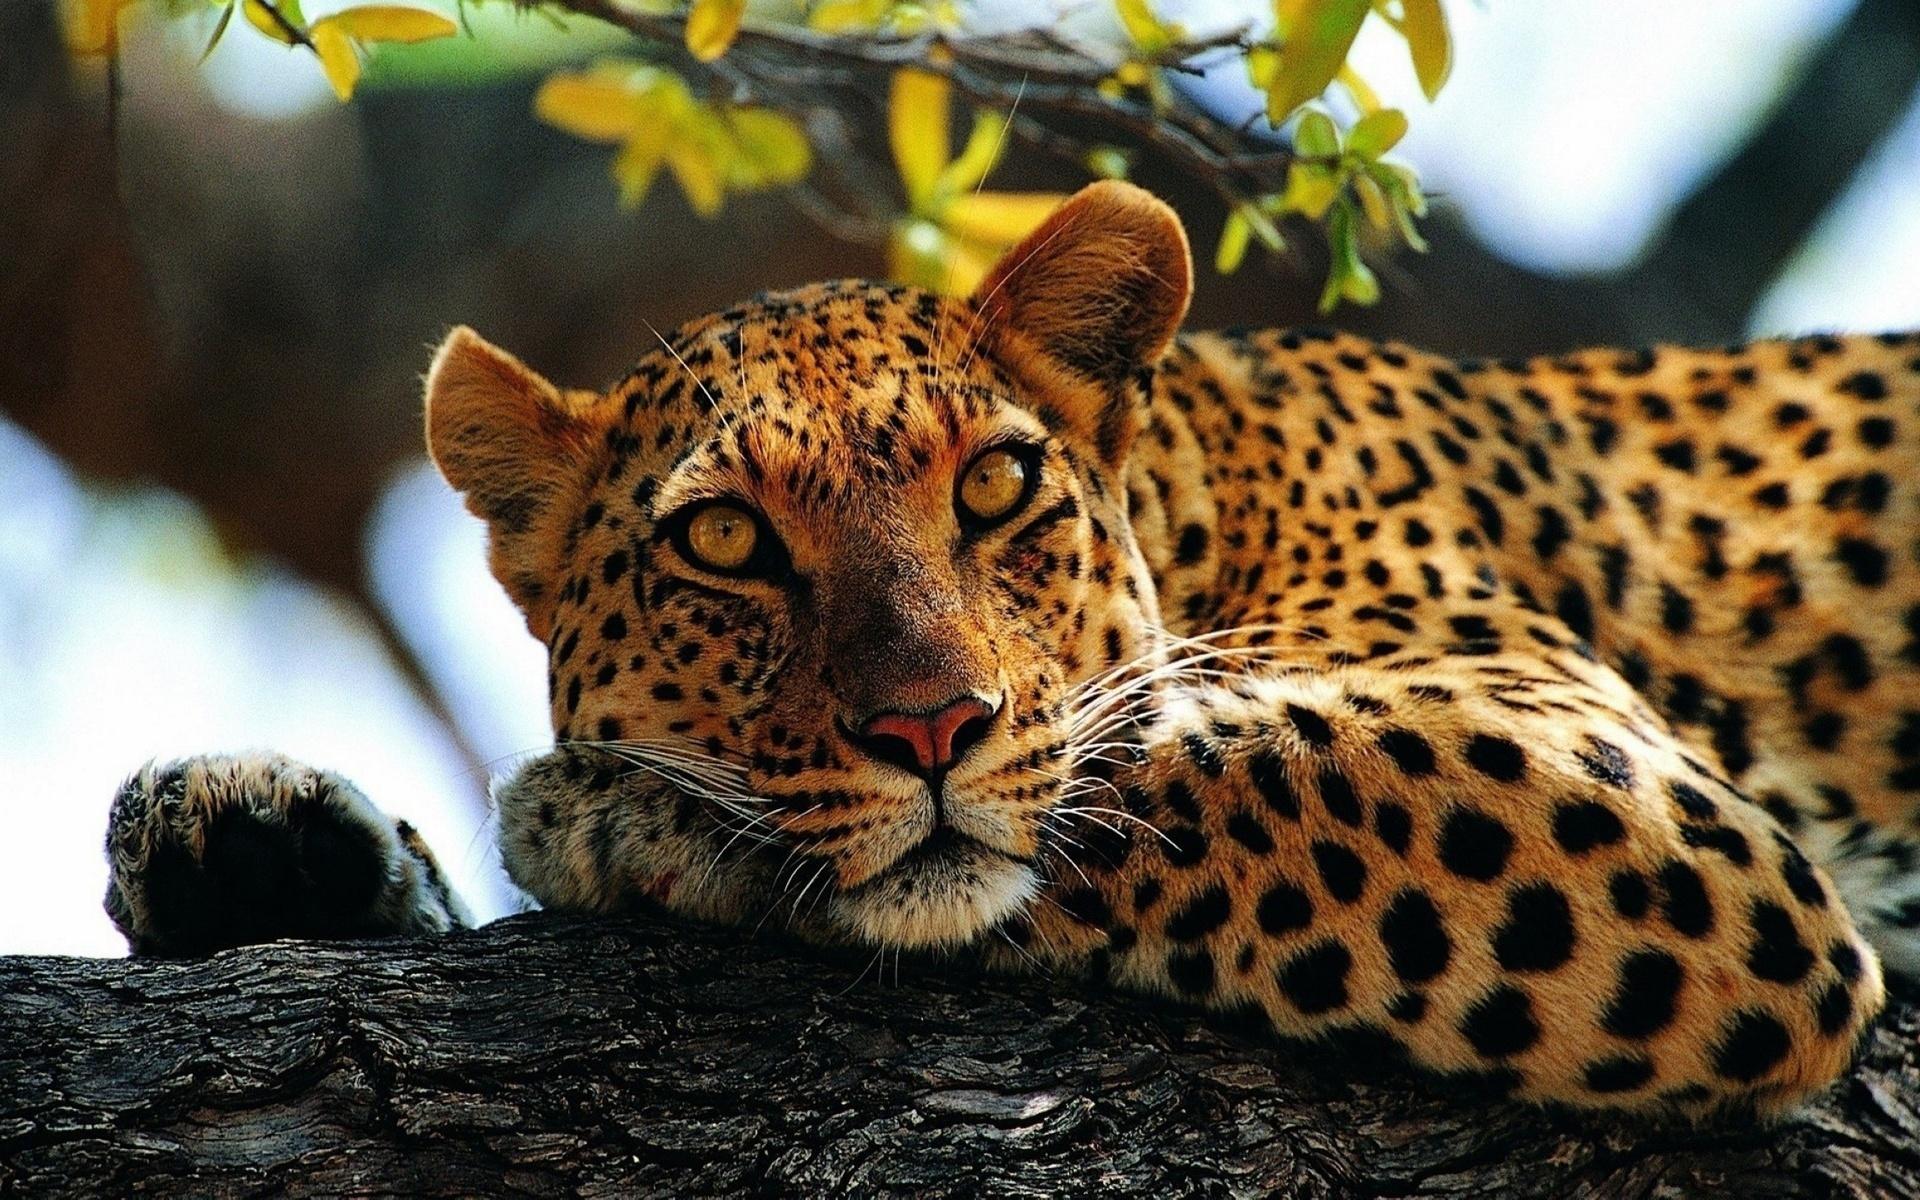 картинки леопардов хорошего качества дамы наказывают голых